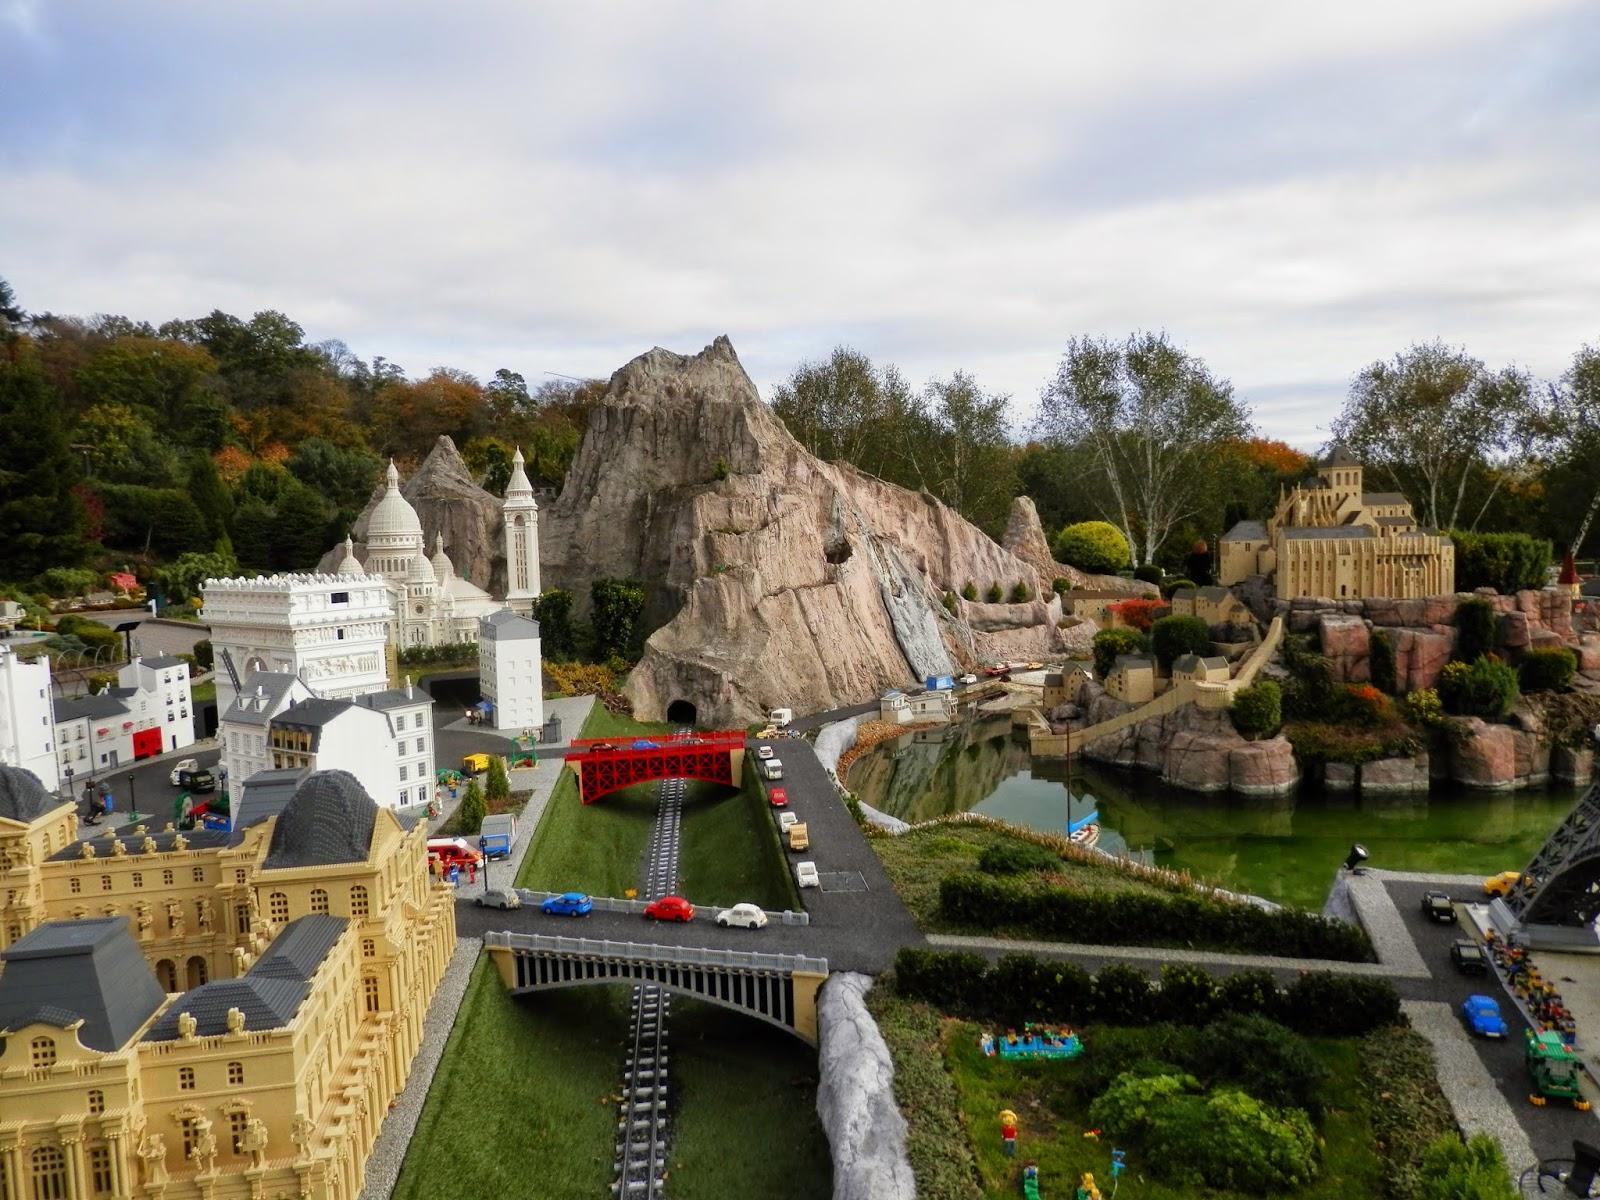 Legoland Miniland secondhandsusie.blogspot.co.uk